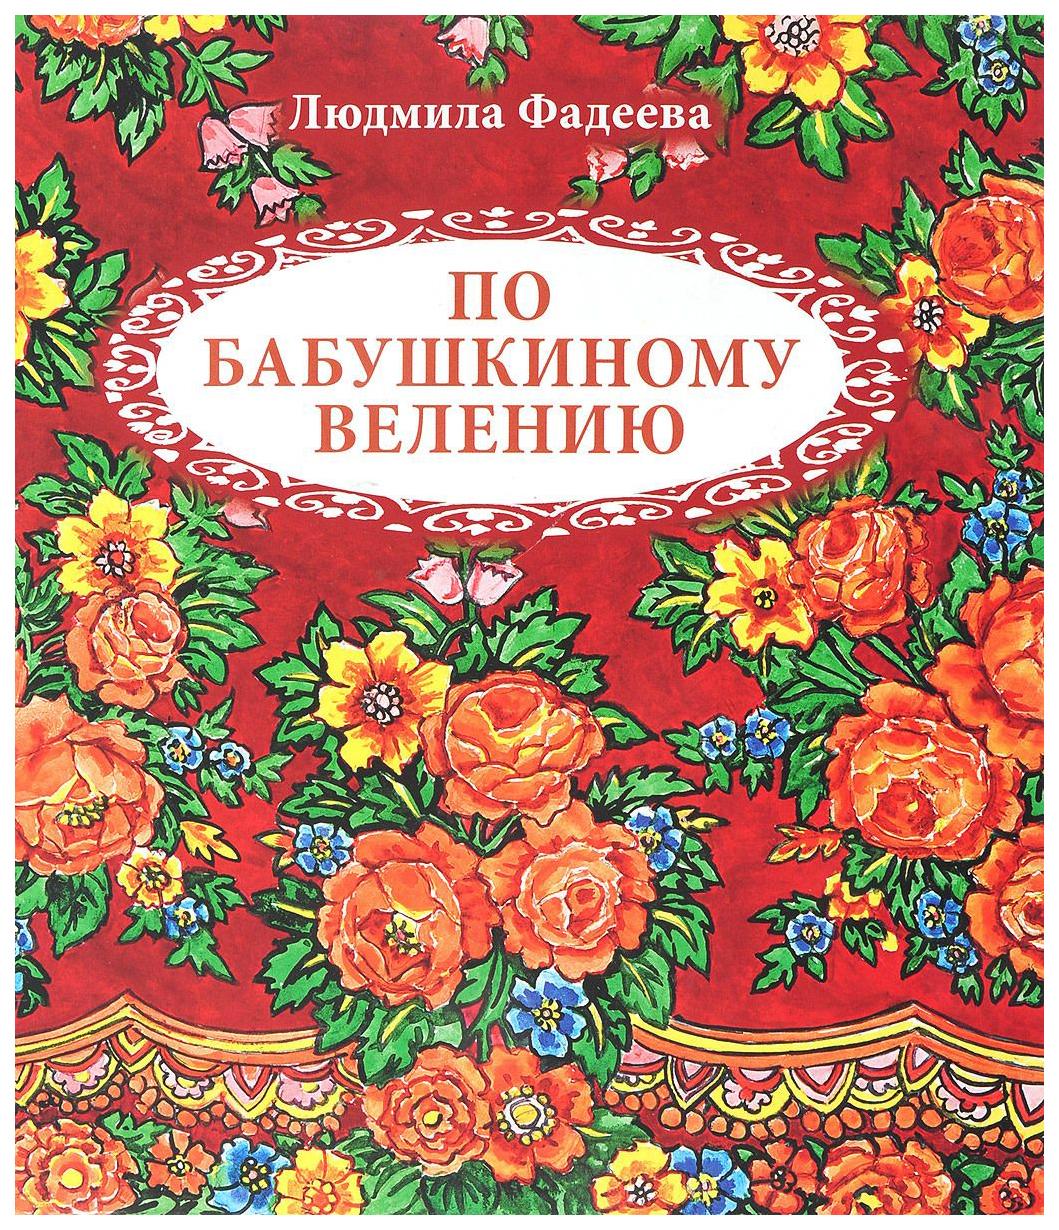 Купить Книга Детское время. По бабушкиному велению, Стихи для детей